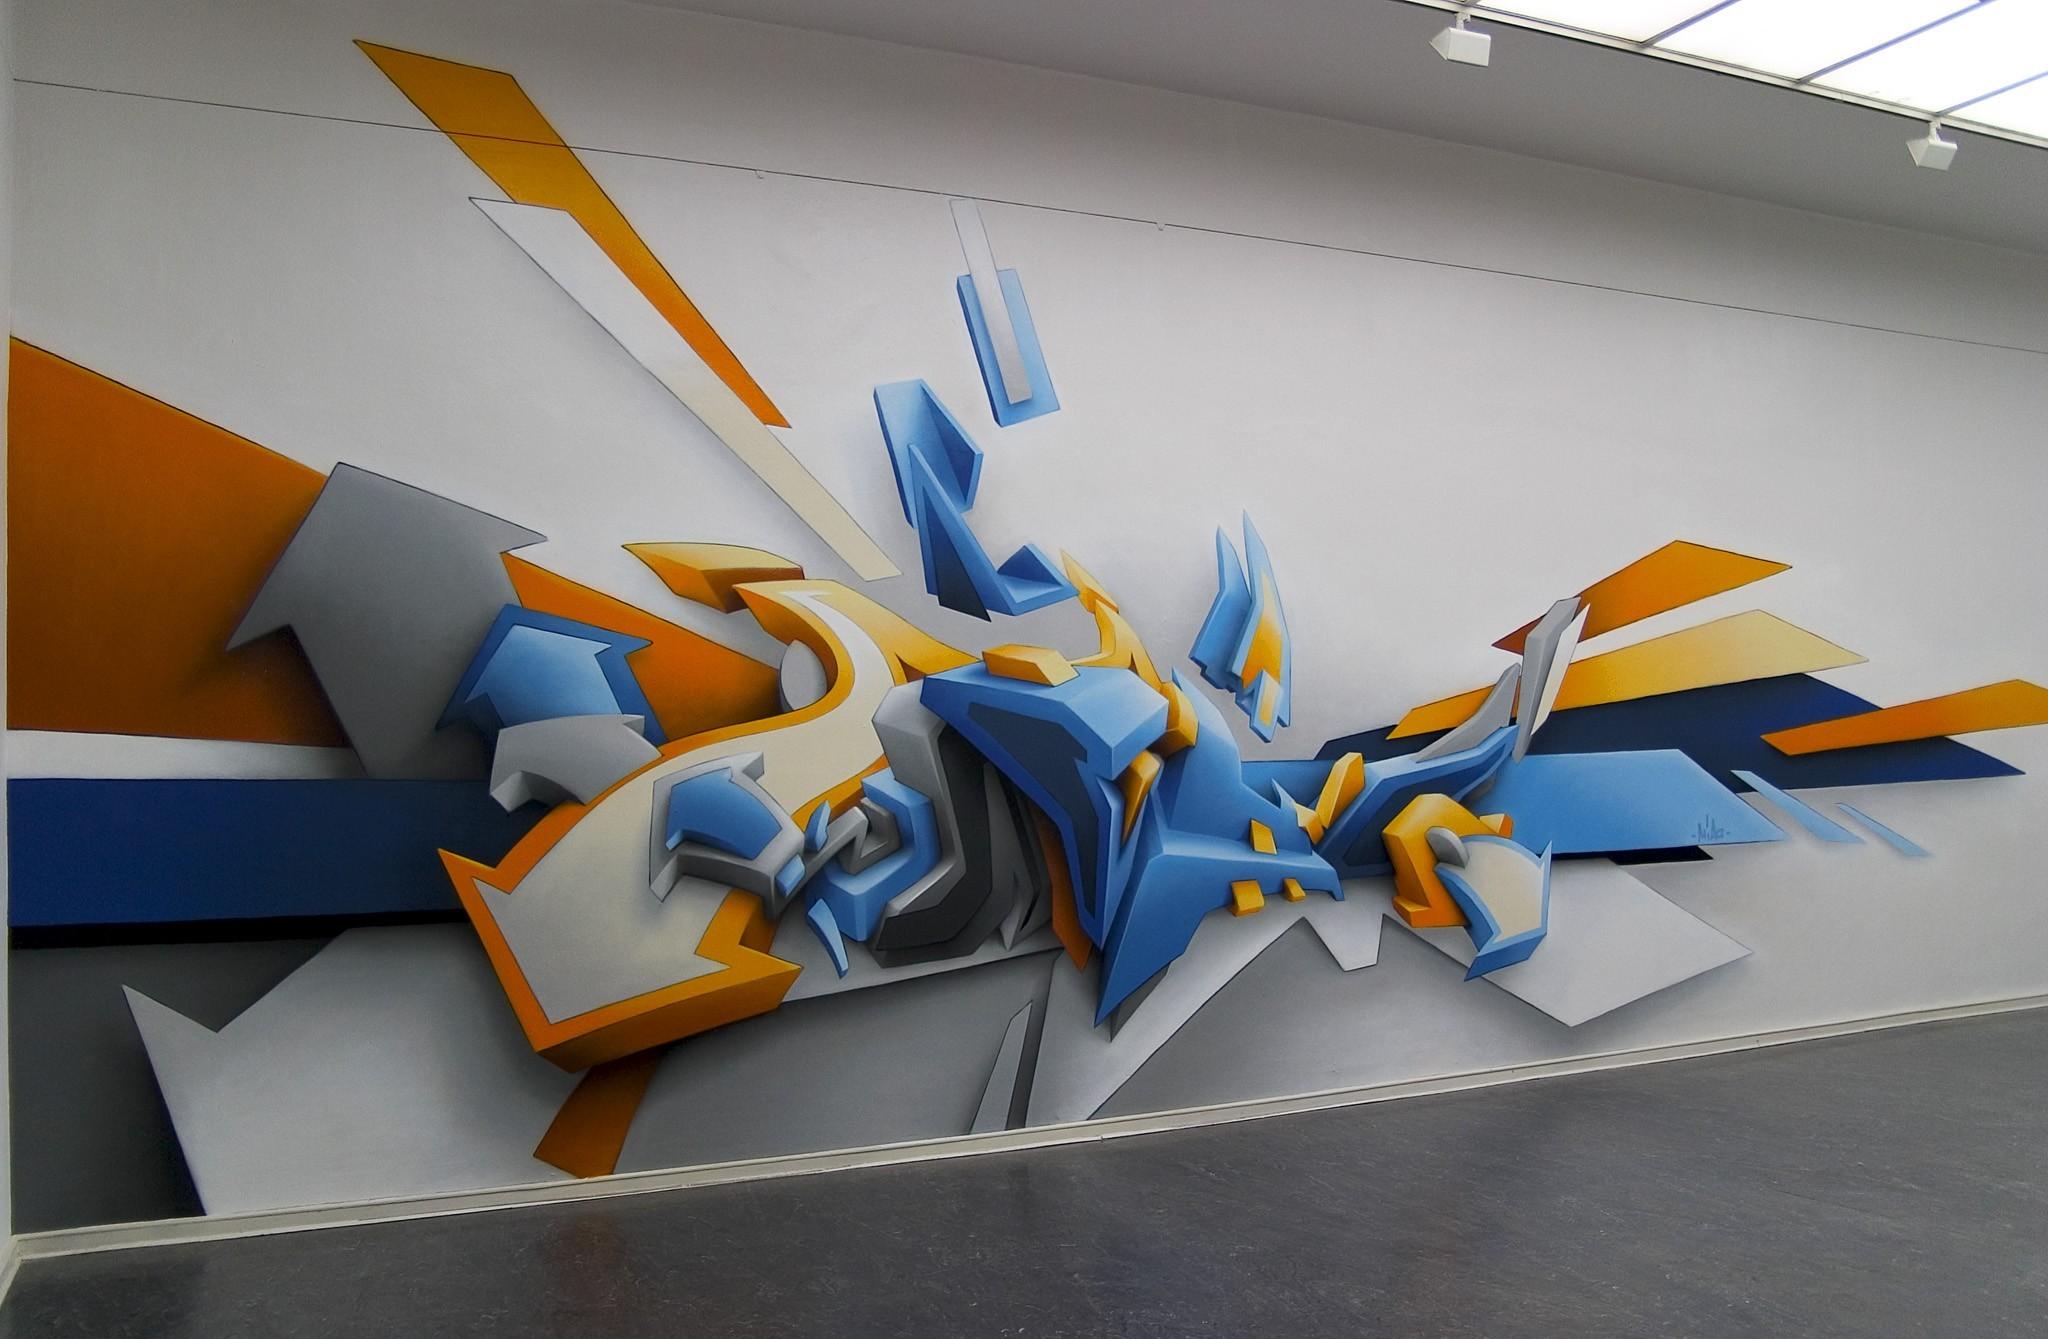 2048x1339 px 3d graffiti